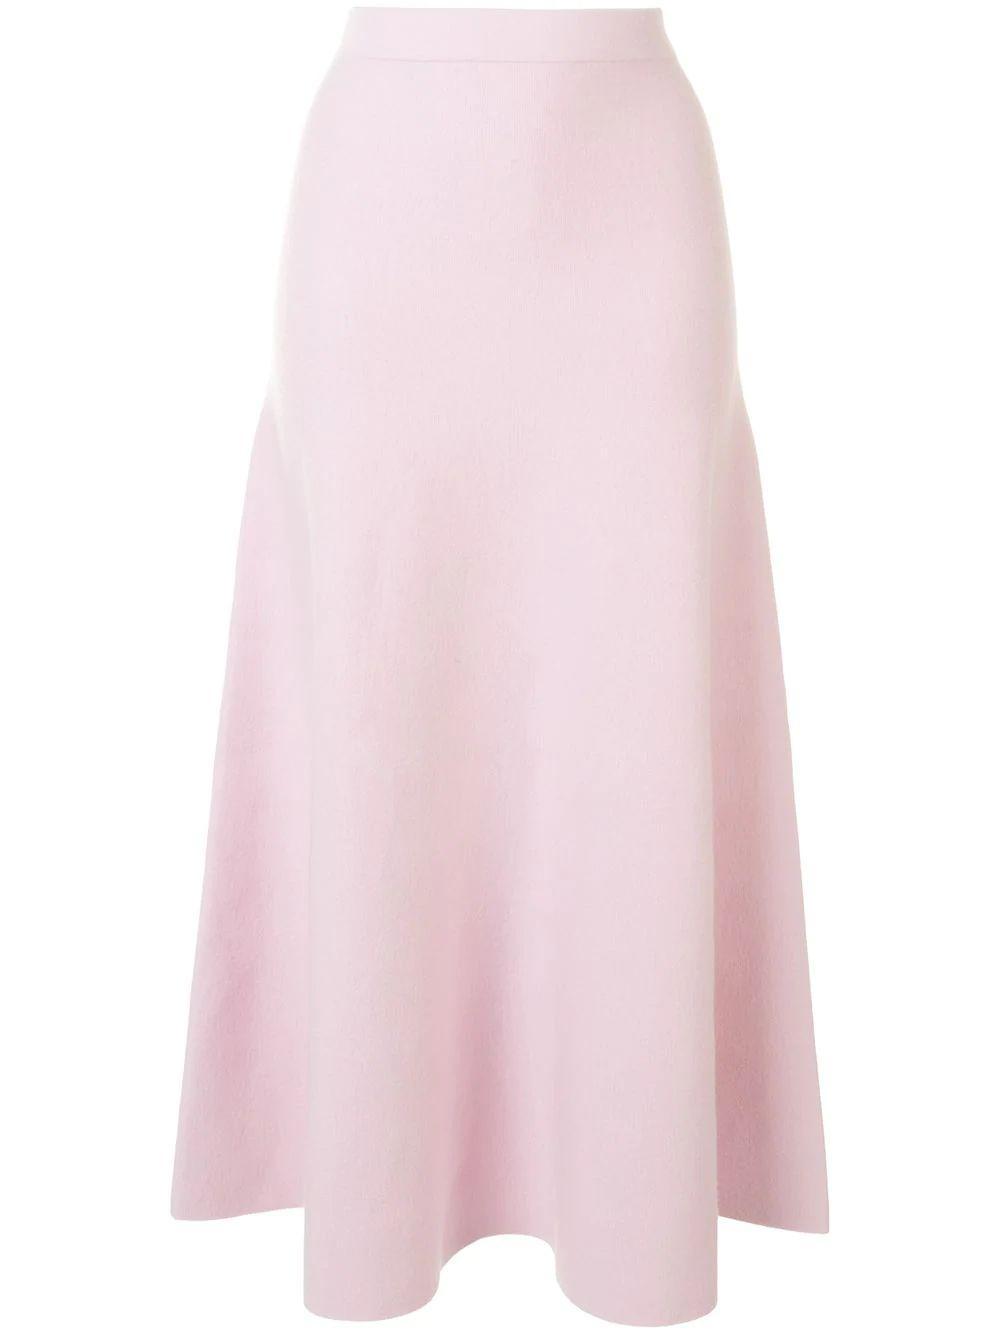 Freddie Midi Knit Skirt